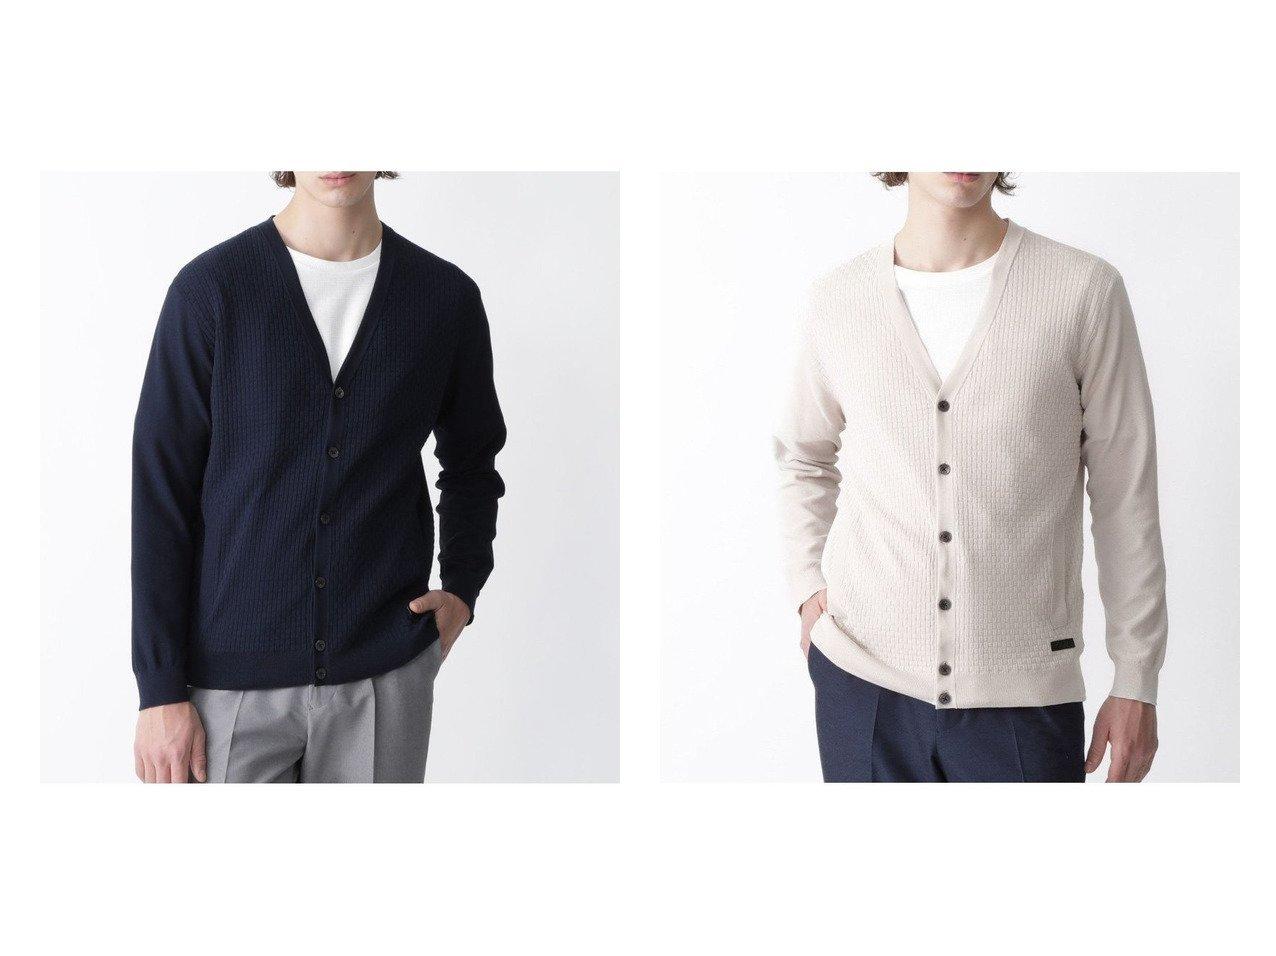 【BLACK LABEL CRESTBRIDGE / MEN/ブラックレーベル クレストブリッジ】のパネルリンクスカーディガン 【MEN】おすすめ!人気トレンド・男性、メンズファッションの通販 おすすめで人気の流行・トレンド、ファッションの通販商品 インテリア・家具・メンズファッション・キッズファッション・レディースファッション・服の通販 founy(ファニー) https://founy.com/ ファッション Fashion メンズファッション MEN カーディガン シンプル ストレッチ フロント ブロック 長袖 |ID:crp329100000040486